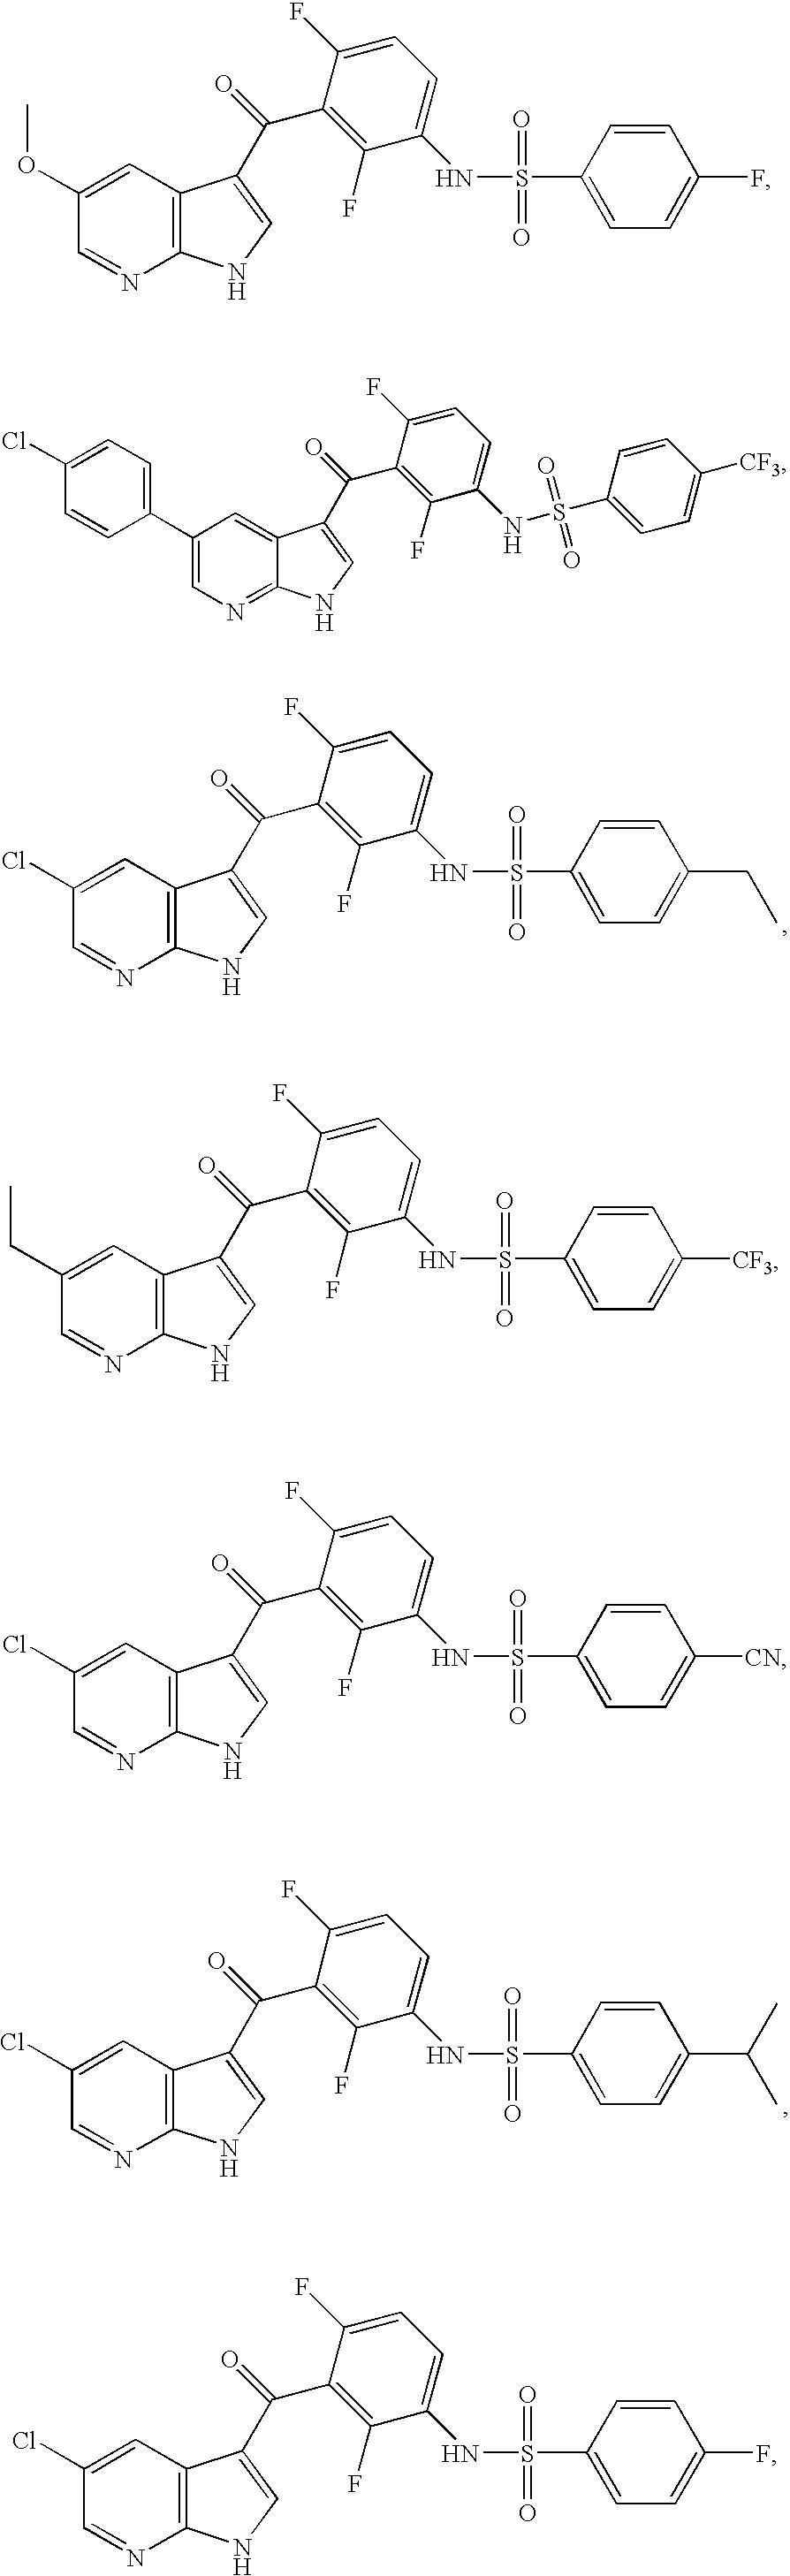 Figure US20080167338A1-20080710-C00003